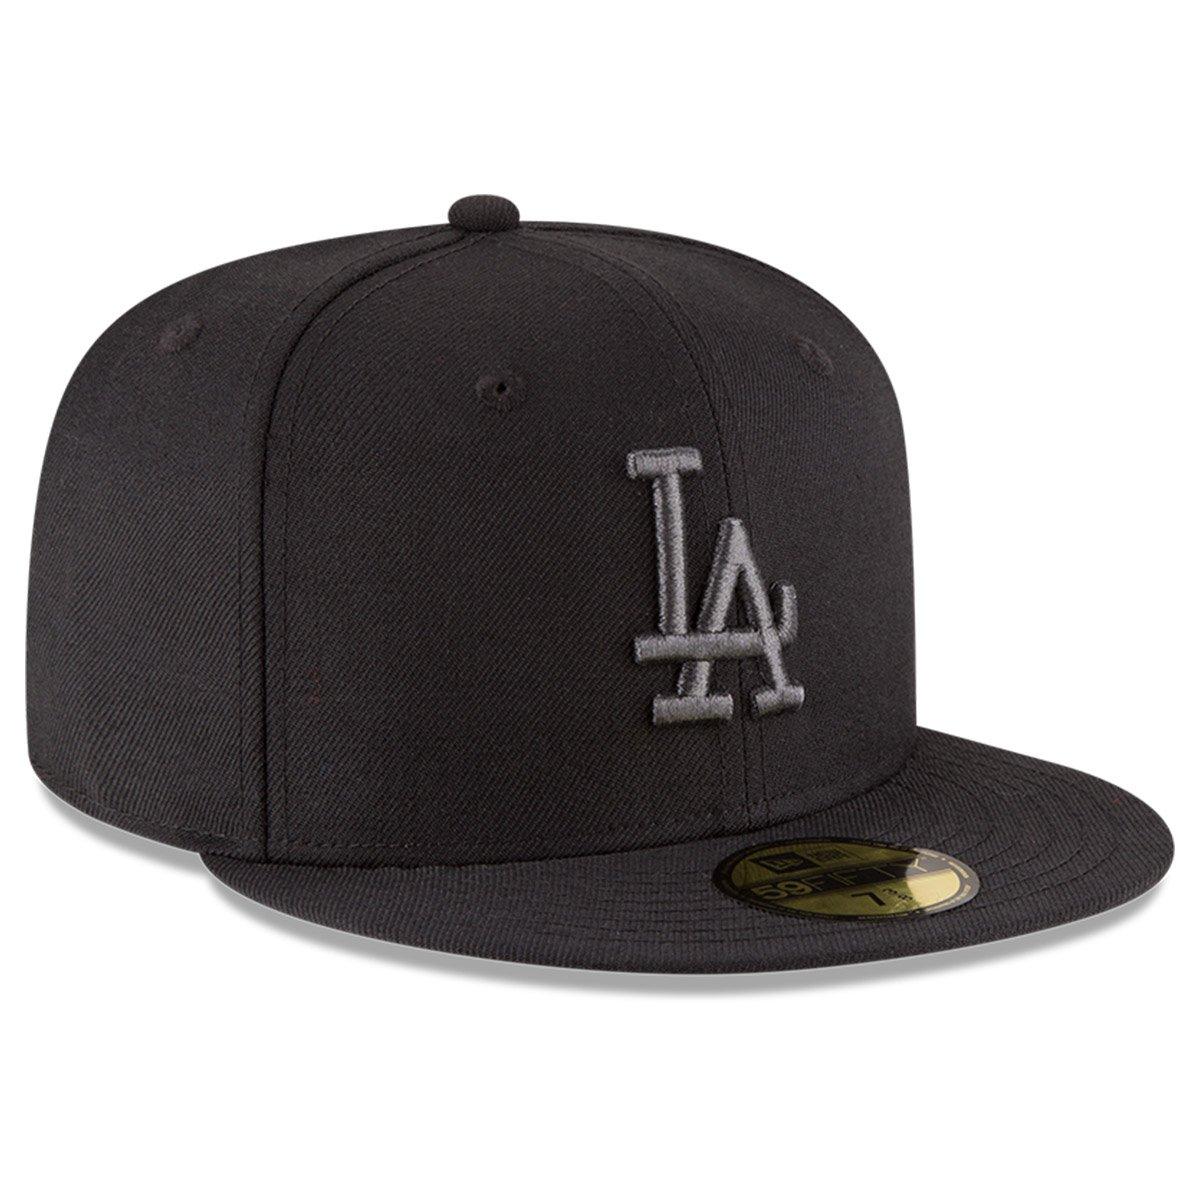 a8d2acf2ad7b6 GORRA LOS ANGELES DODGERS NEW ERA